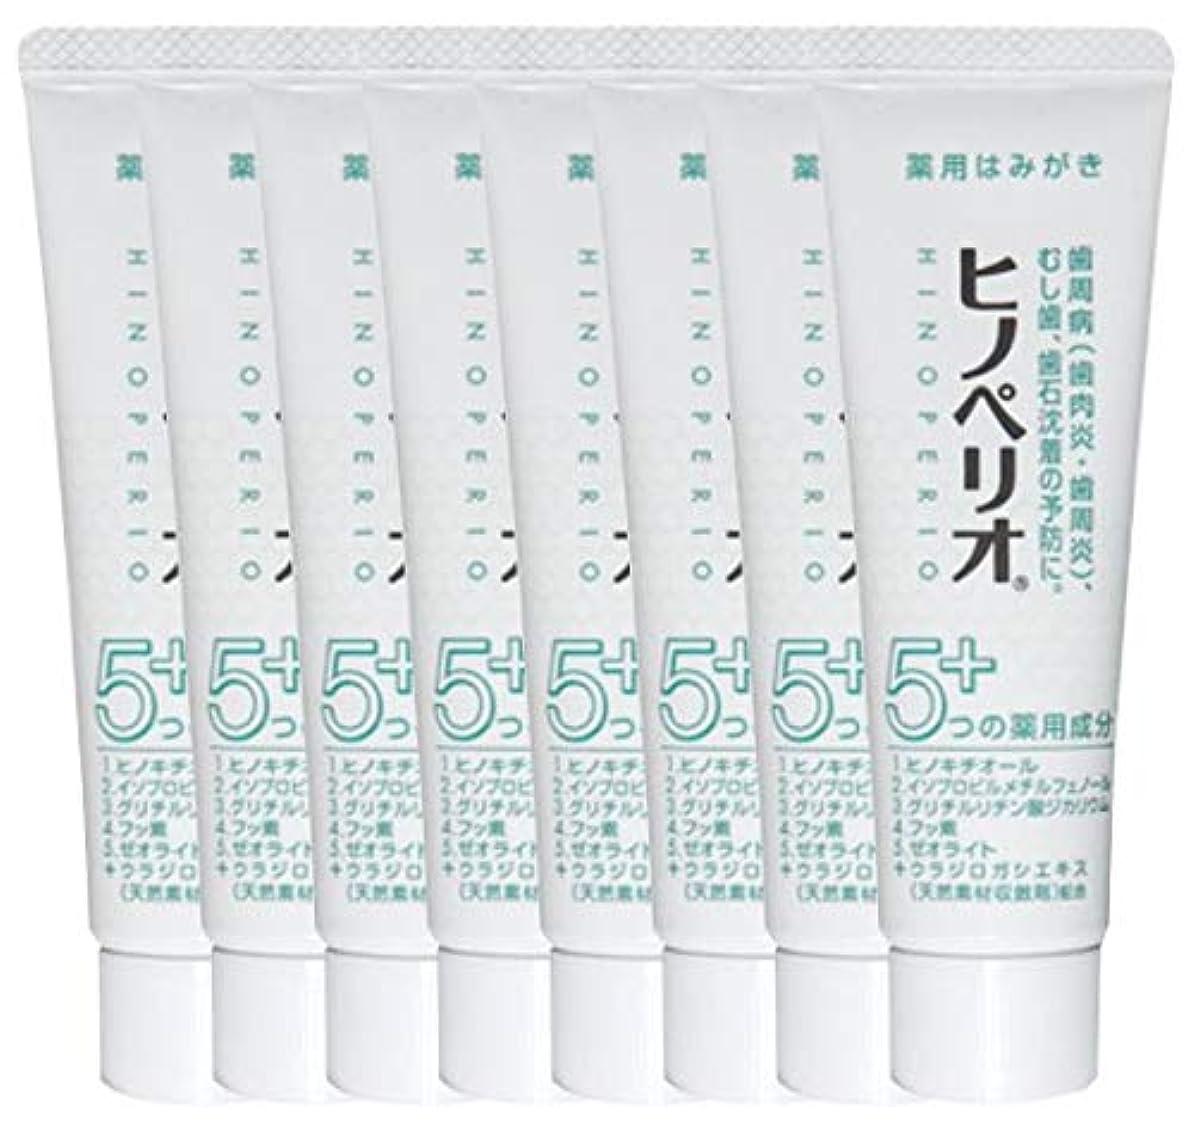 月曜日気難しいゆるく昭和薬品 ヒノペリオ60g 医薬部外品 × 8本